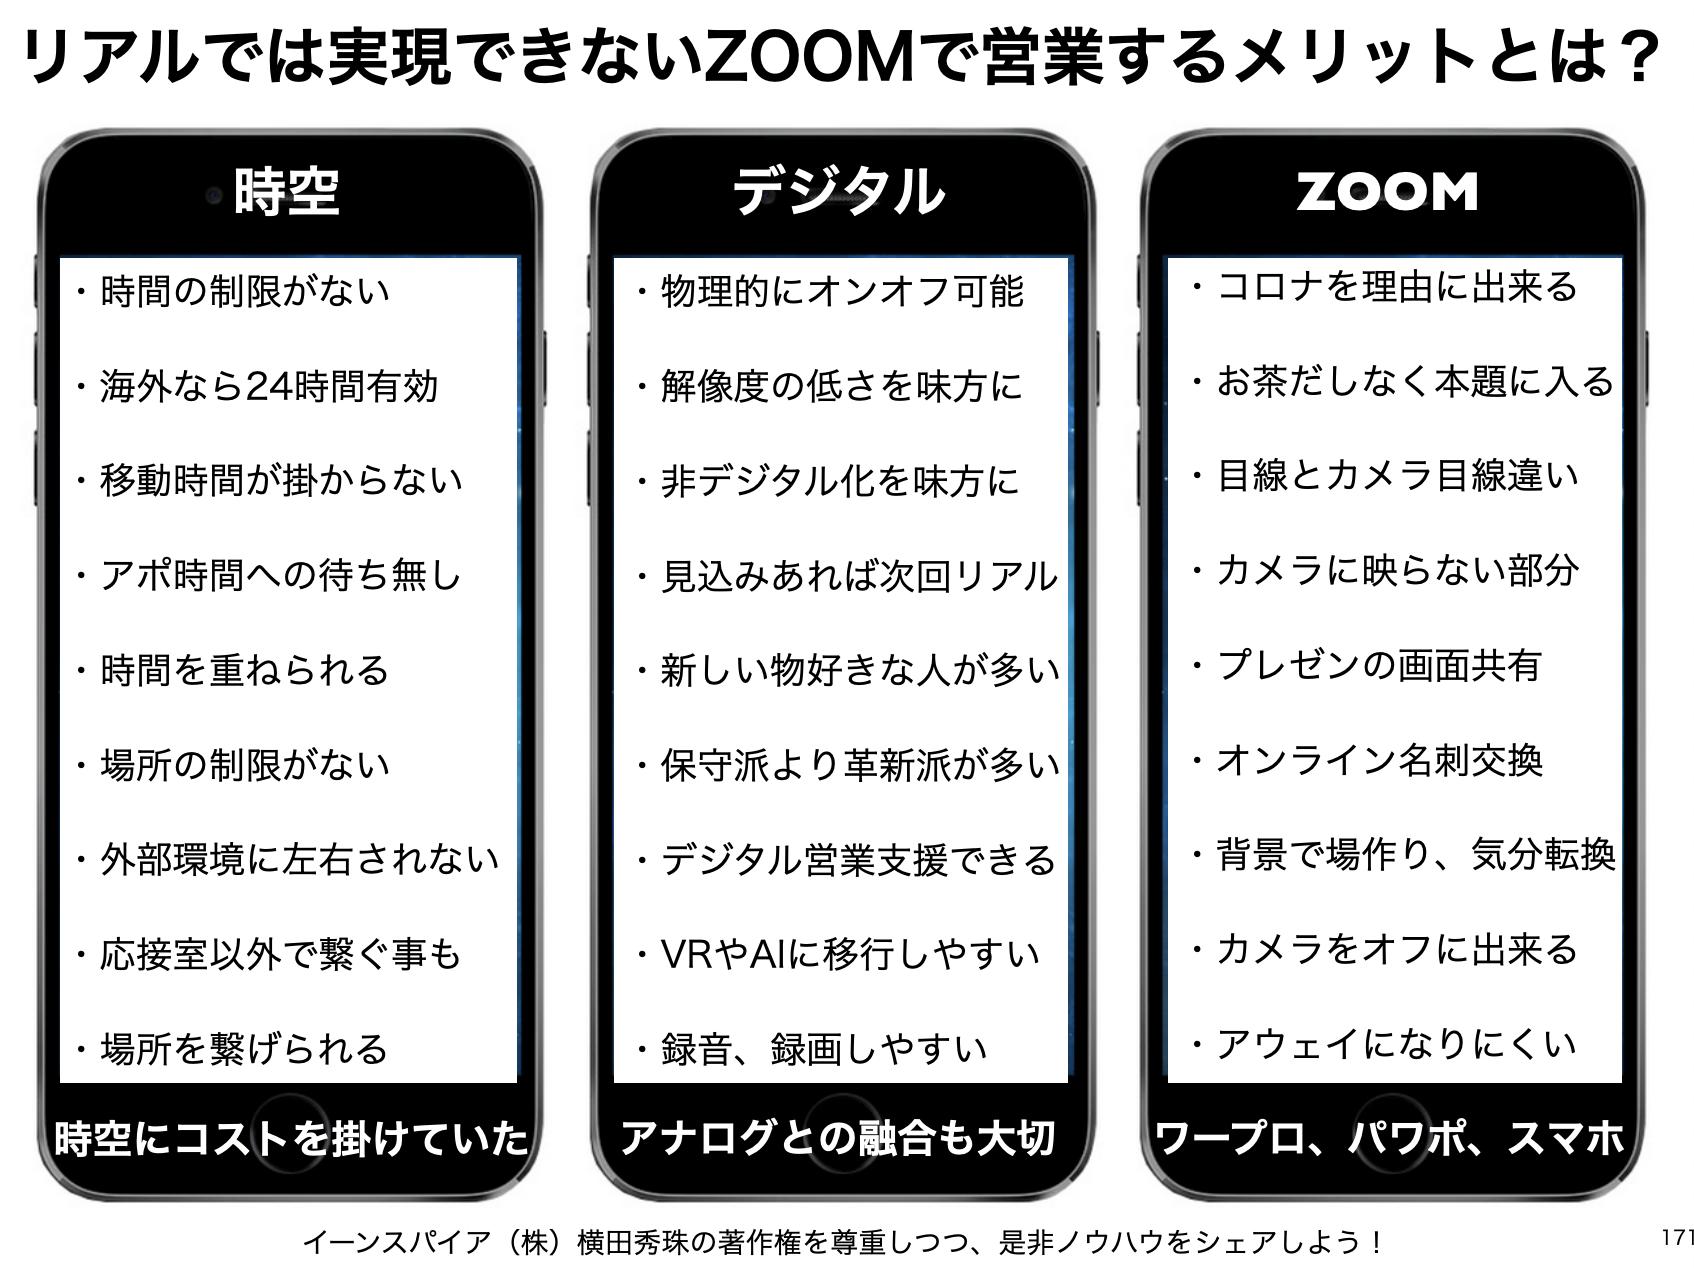 リアルでは実現できないZOOMで営業するメリット3×9=27個